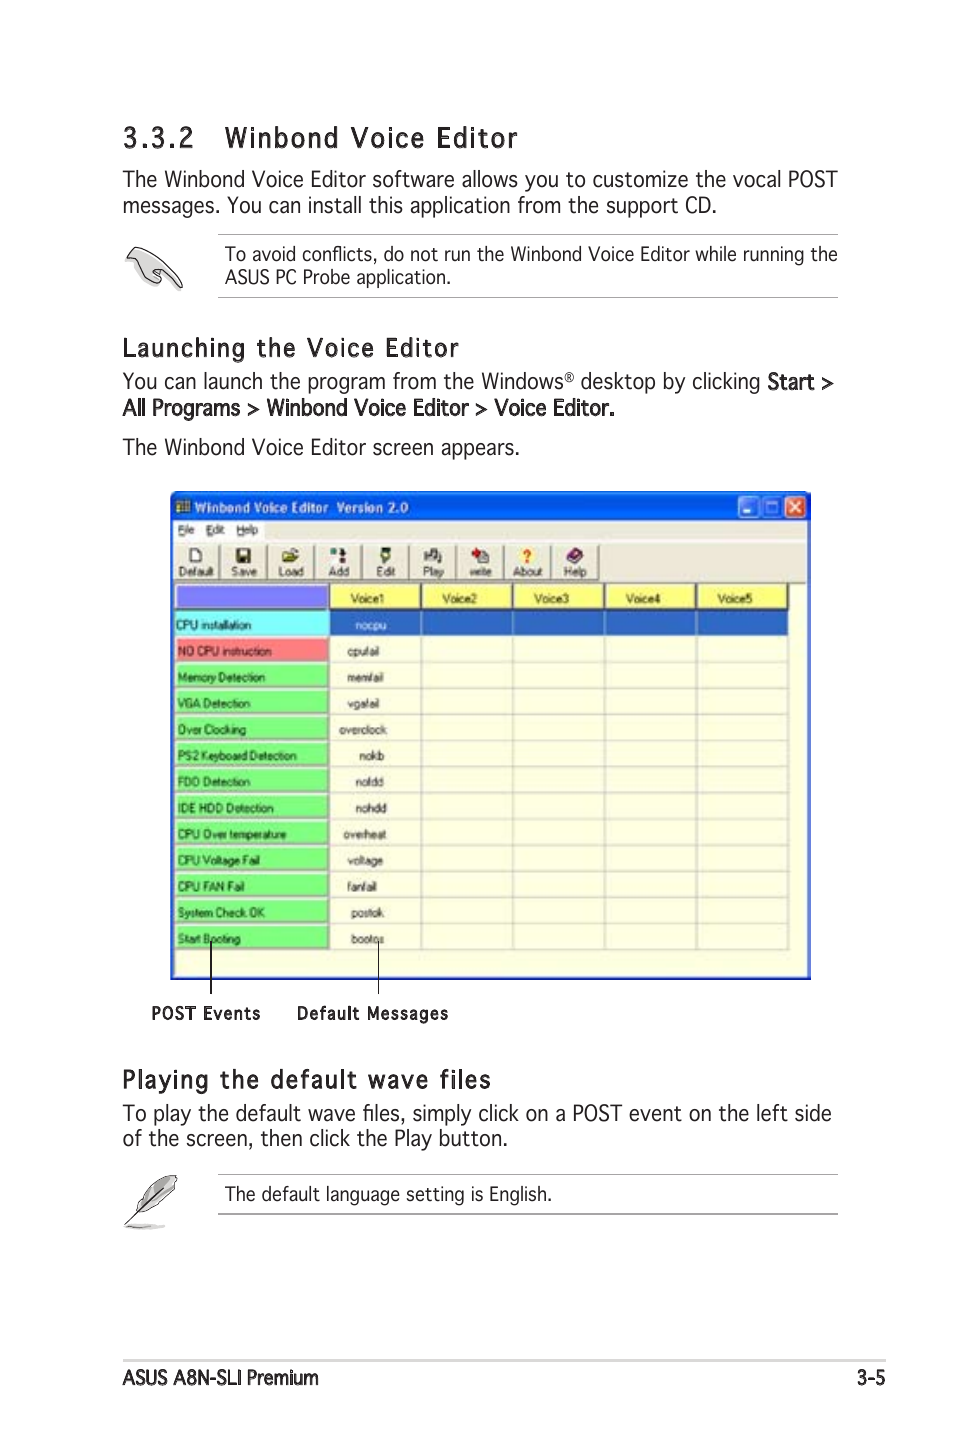 winbond voice editor